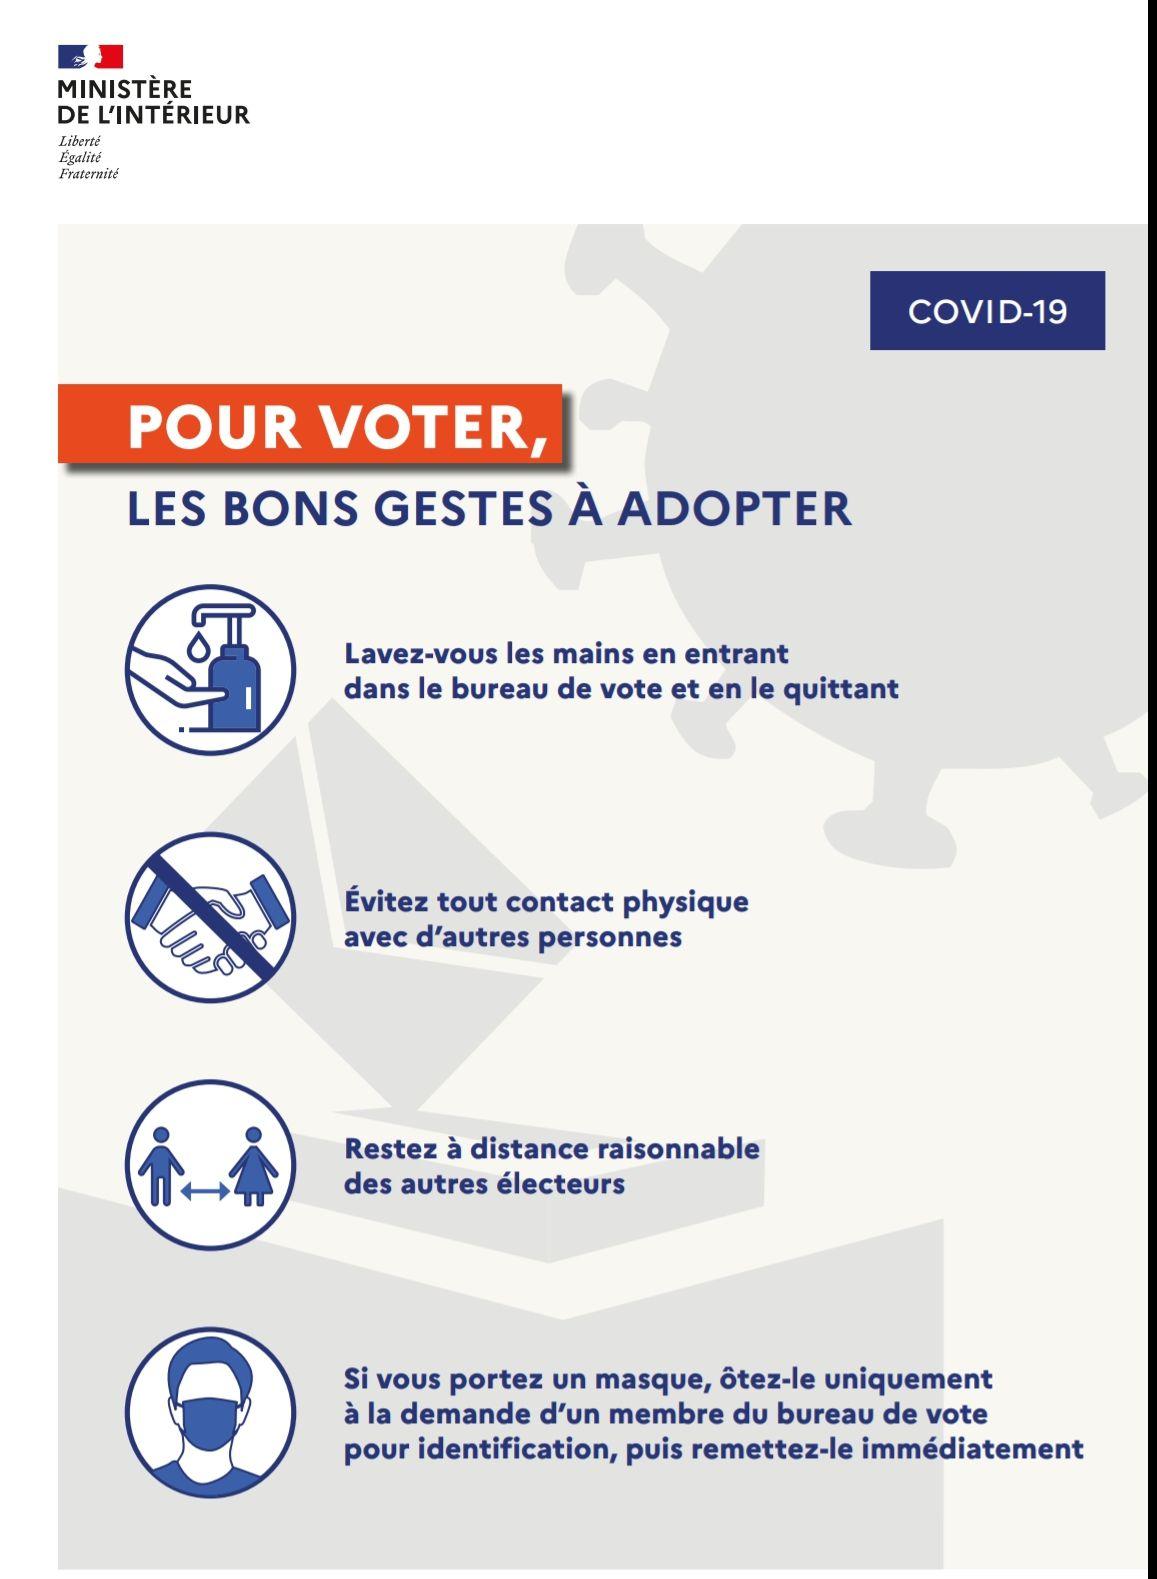 Covid-19 :Pour Voter, les Bons Gestes a Adopter